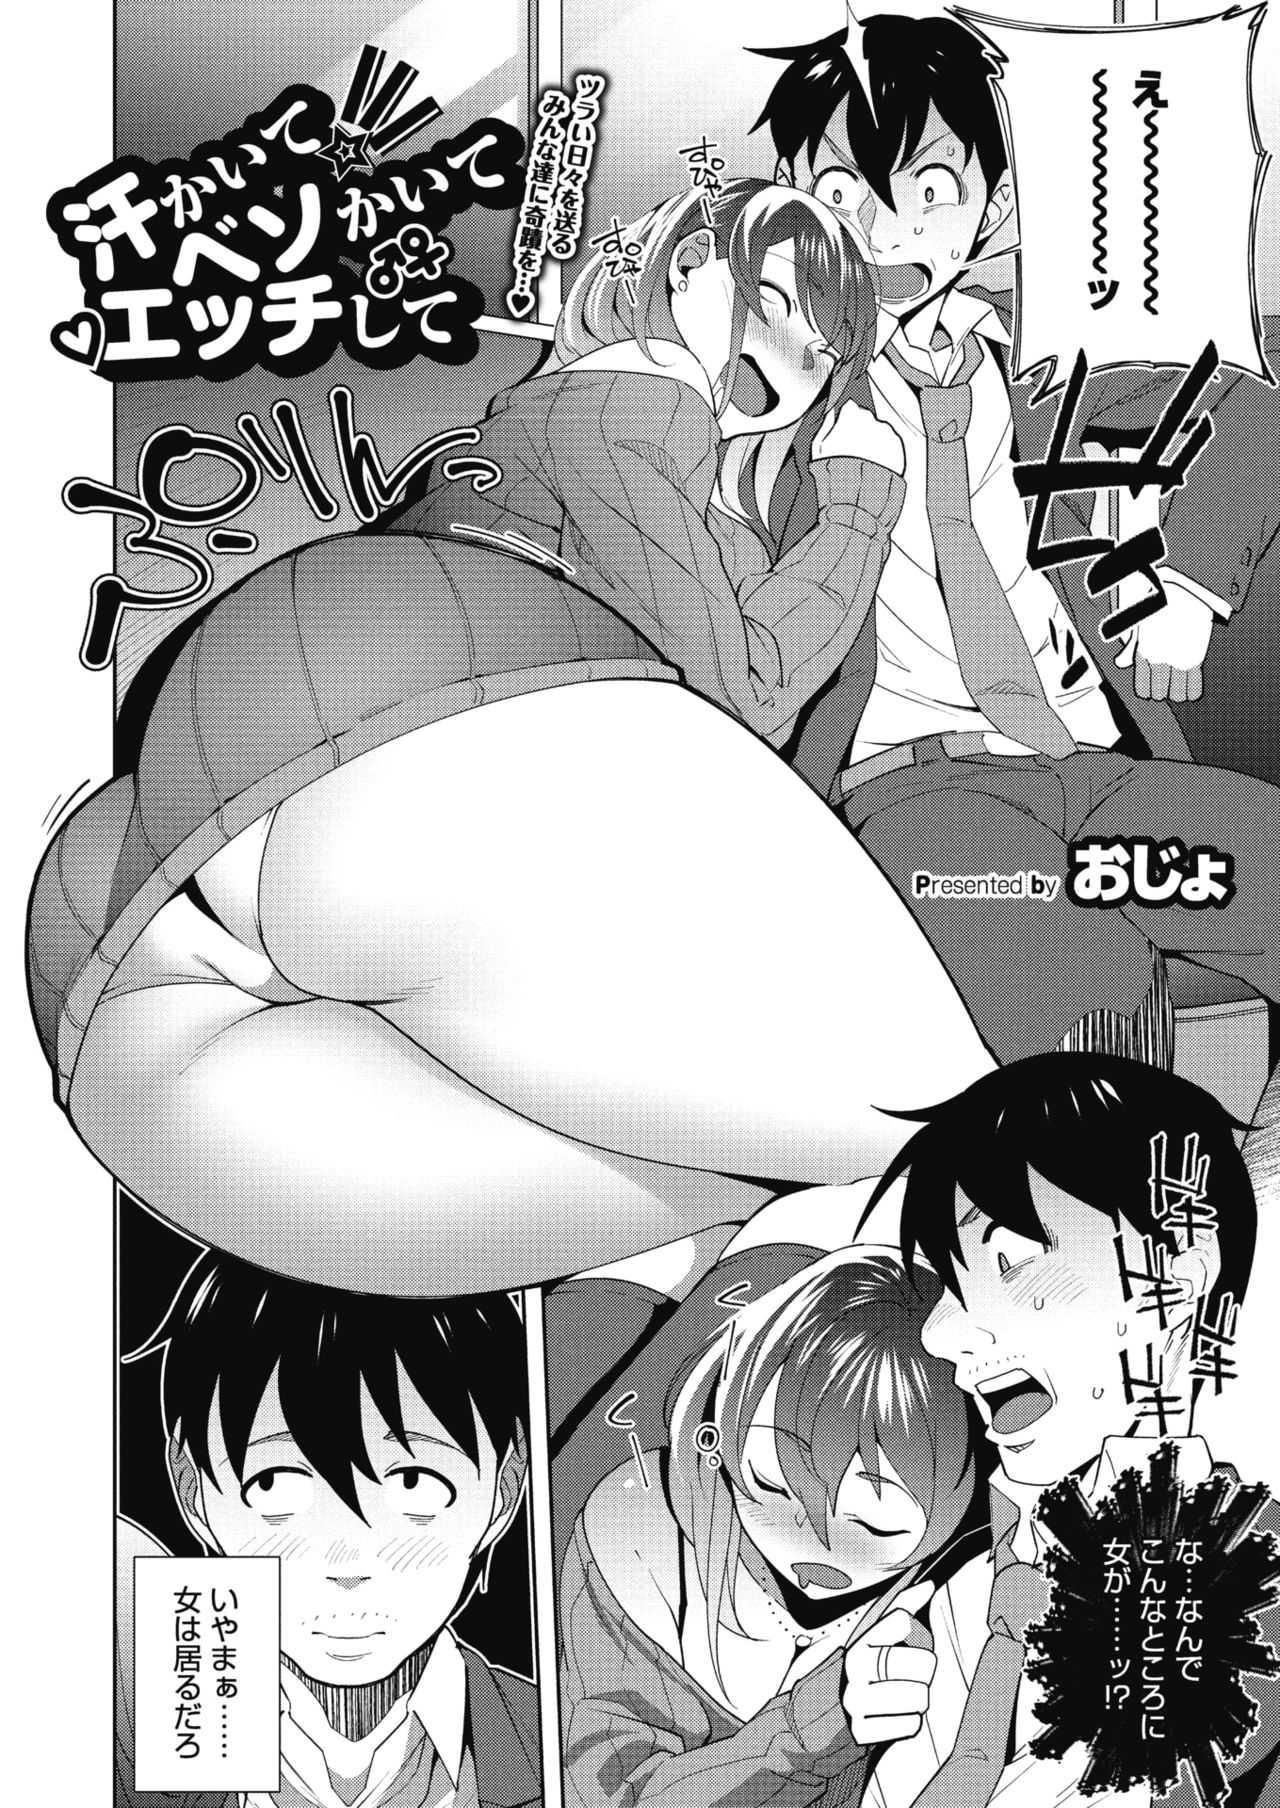 【エロ漫画】酔っぱらいのビッチJDに電車の中で突然キスされたリーマンが駅トイレに連れ込まれ精子と全財産を搾りとられる!